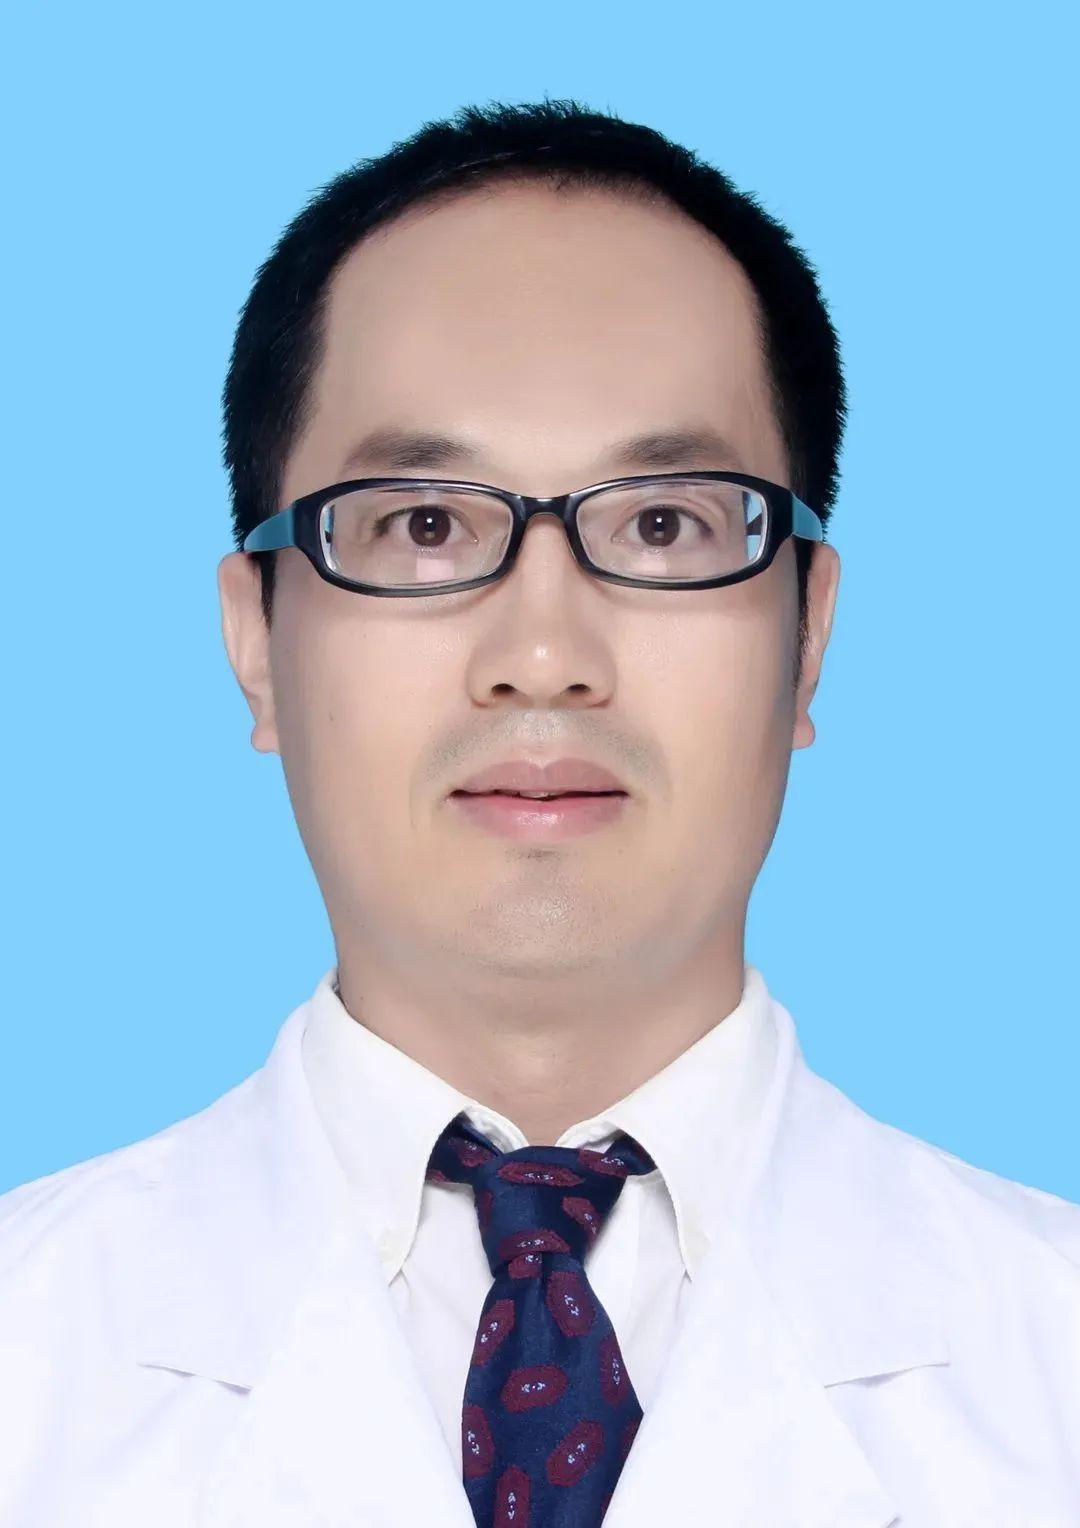 深圳市宝安区人民医院:痘友,你选对了吗?